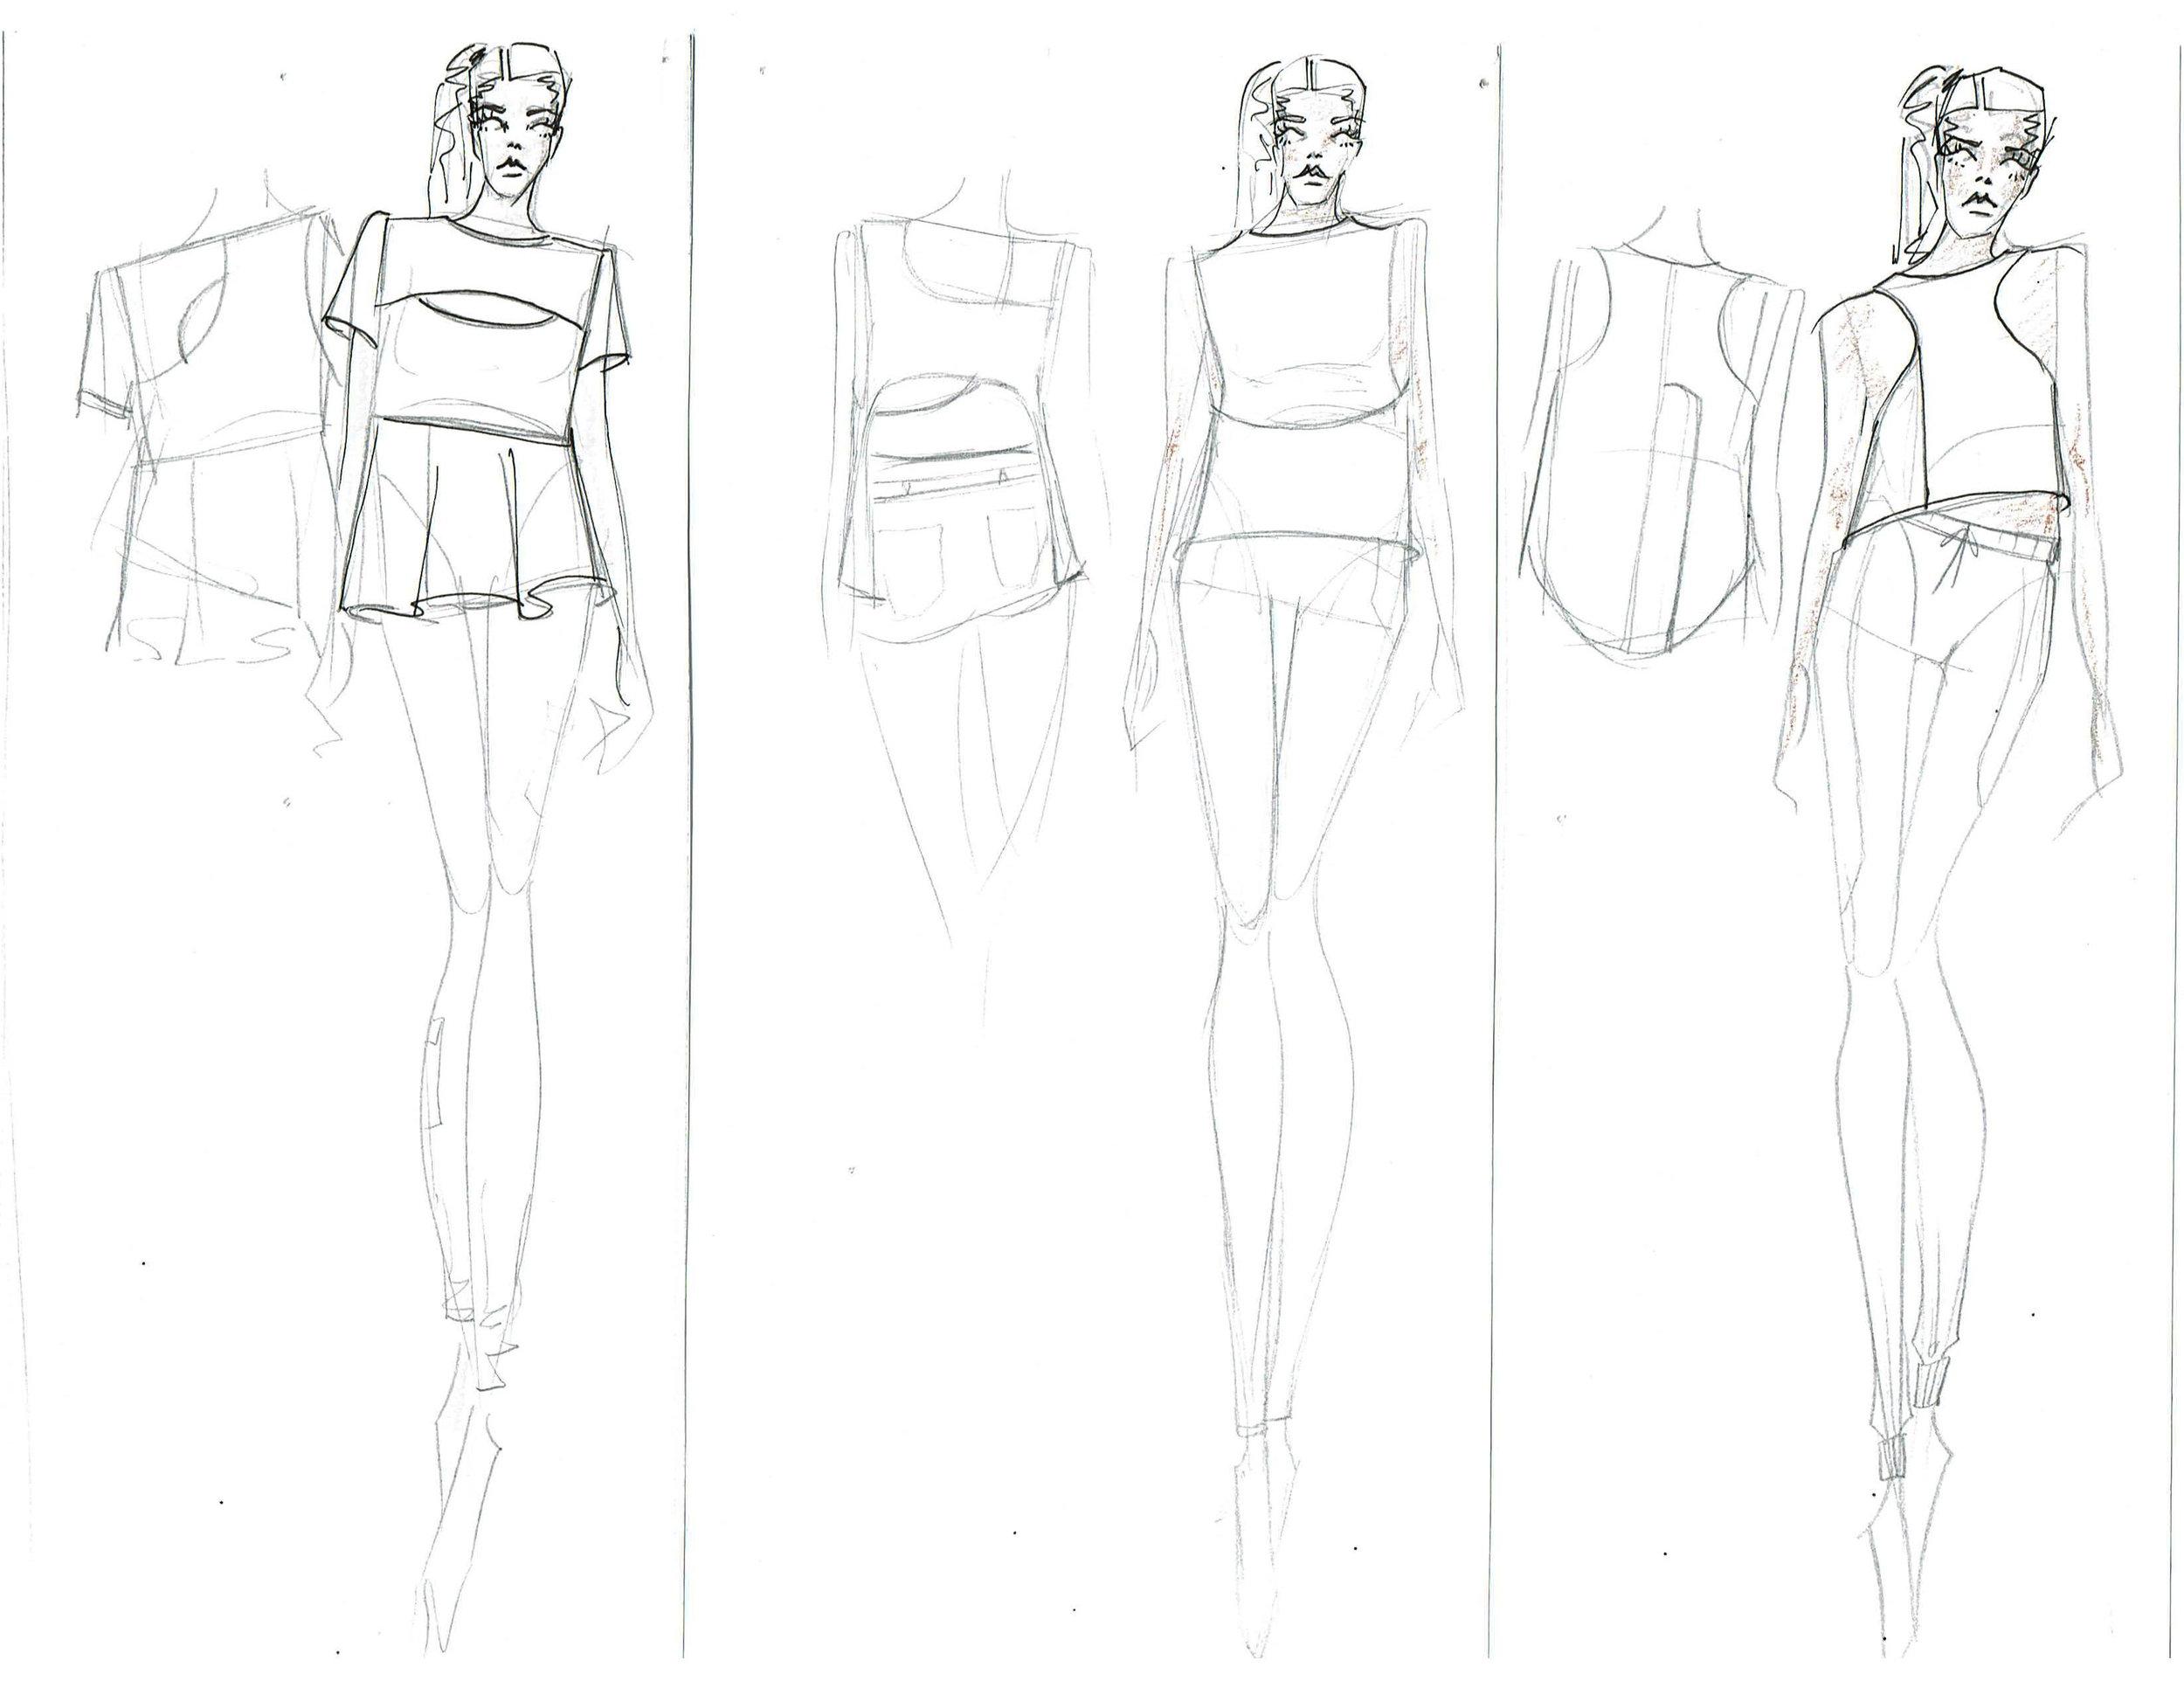 sketches6 copy.jpg